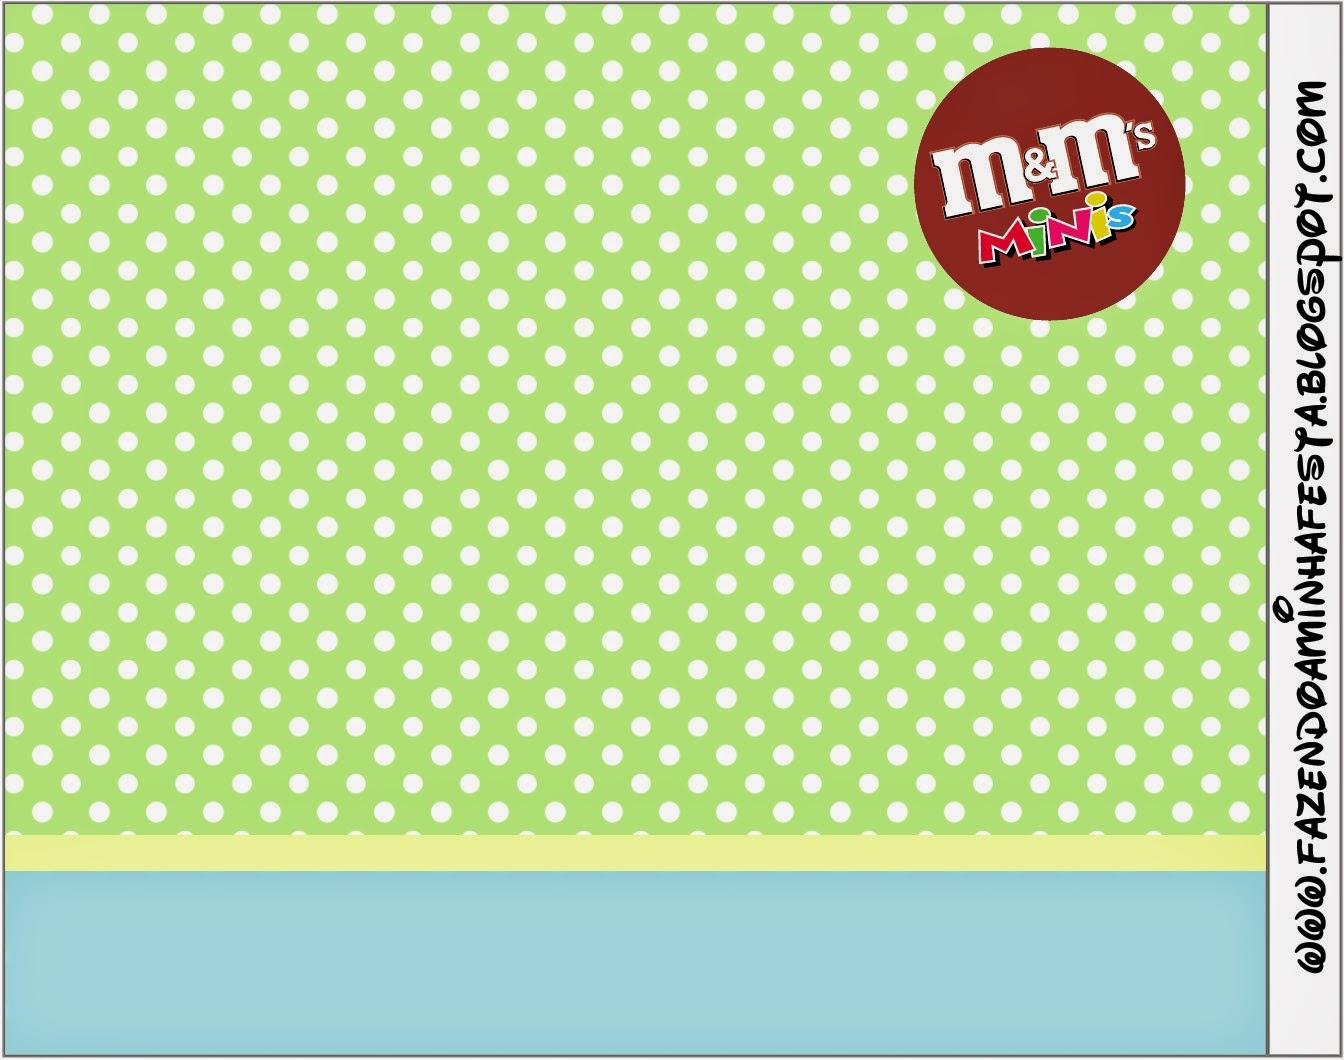 Etiqueta M&M de Verde y Celeste  para imprimir gratis.